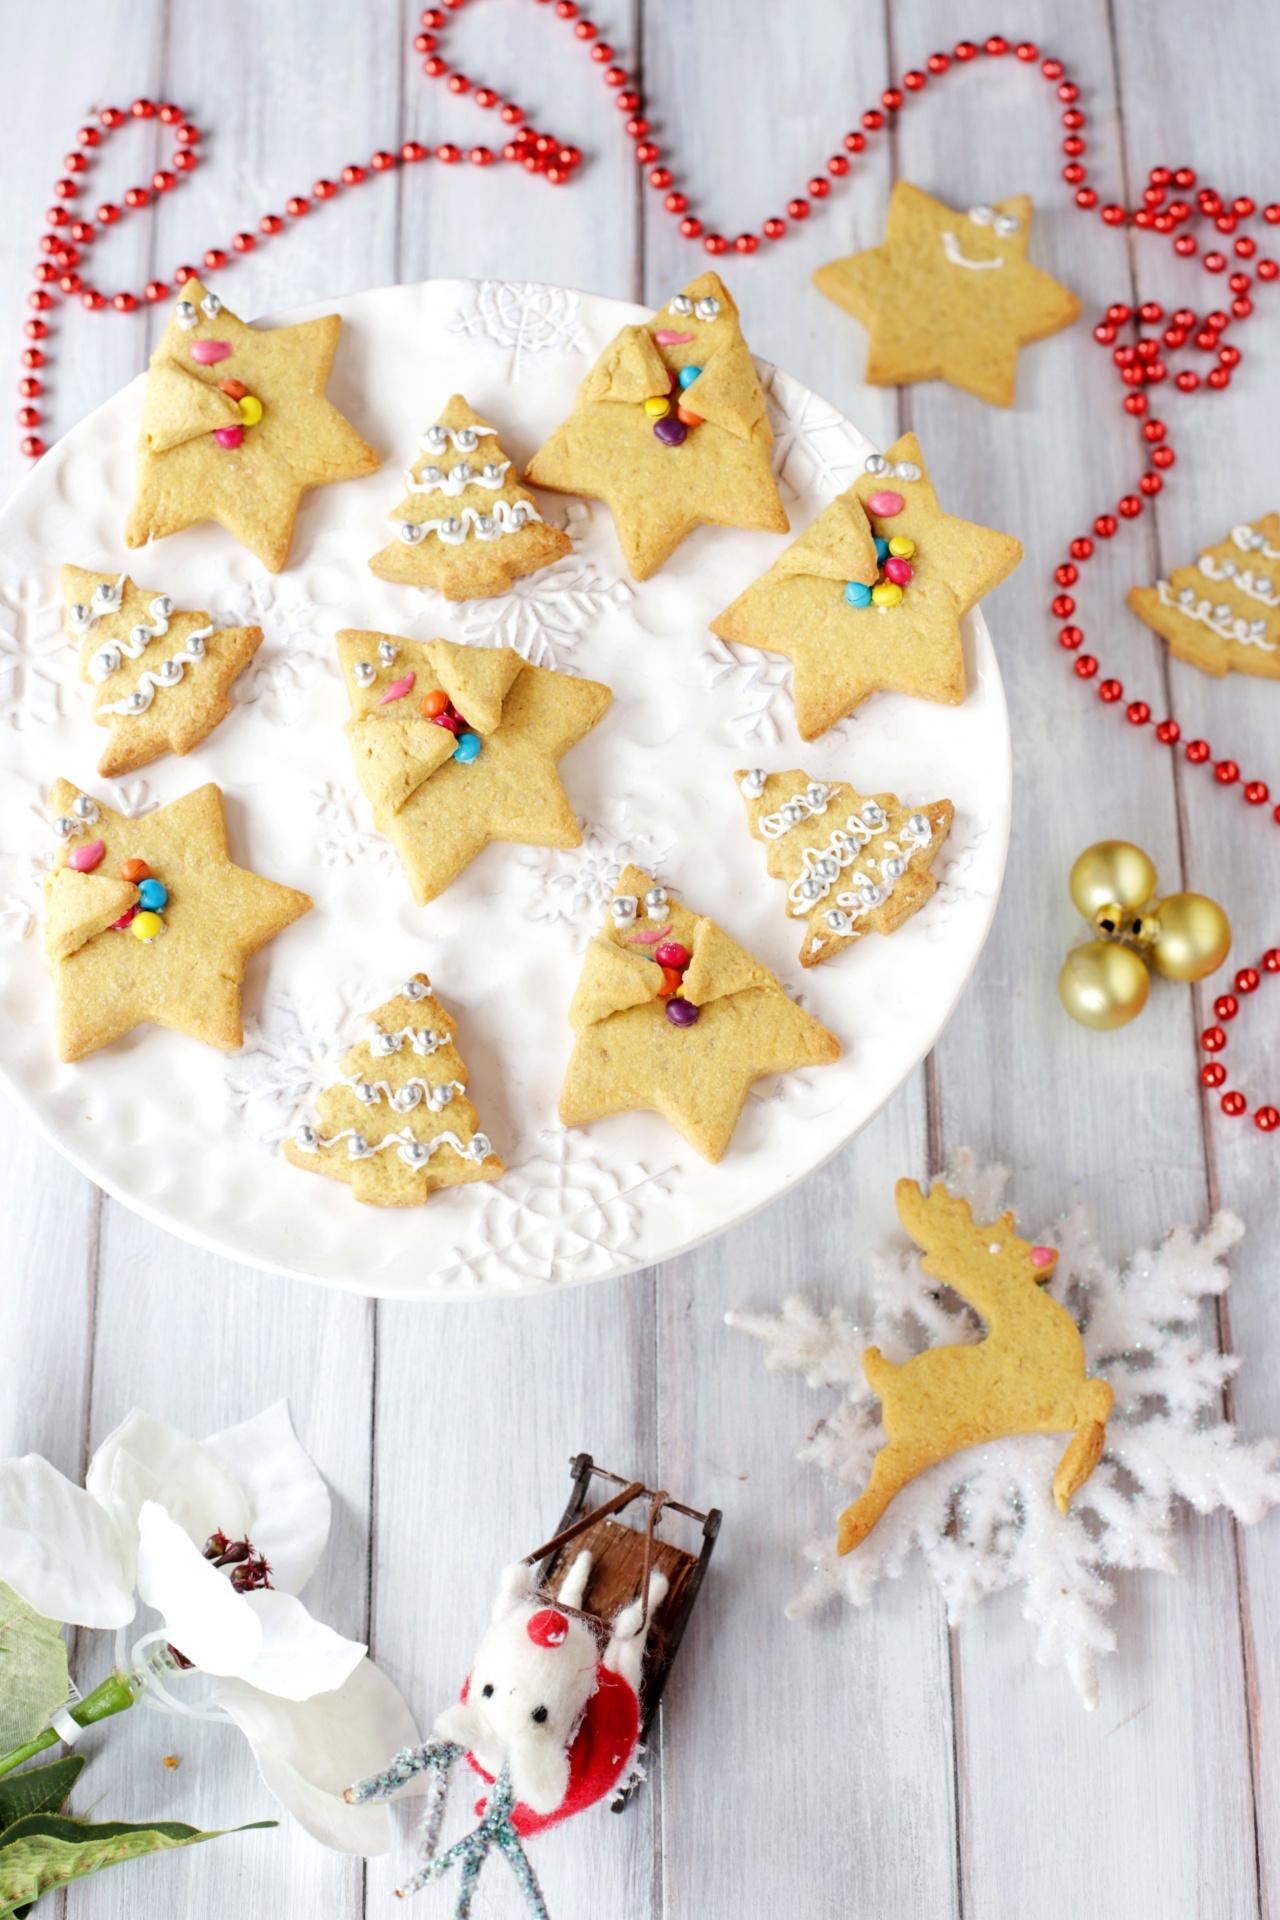 Biscotti Di Natale Al Miele.Biscotti Di Natale Miele E Cannella Mamma Gy